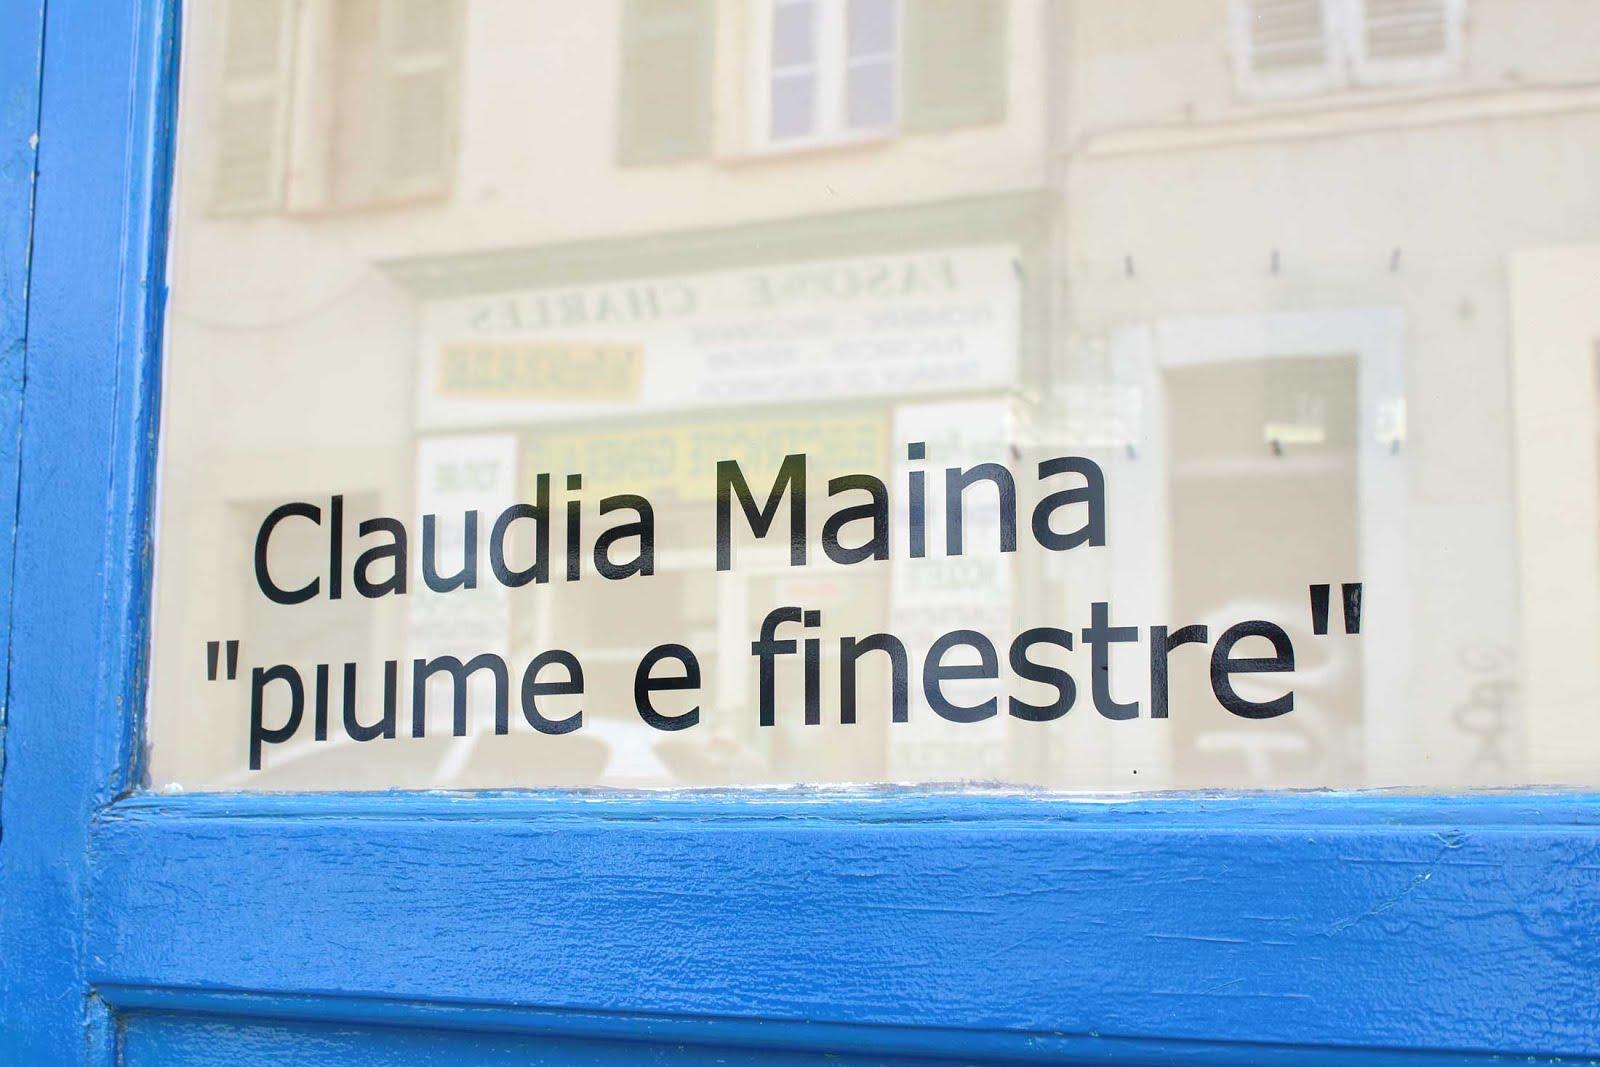 Claudia Maina titre